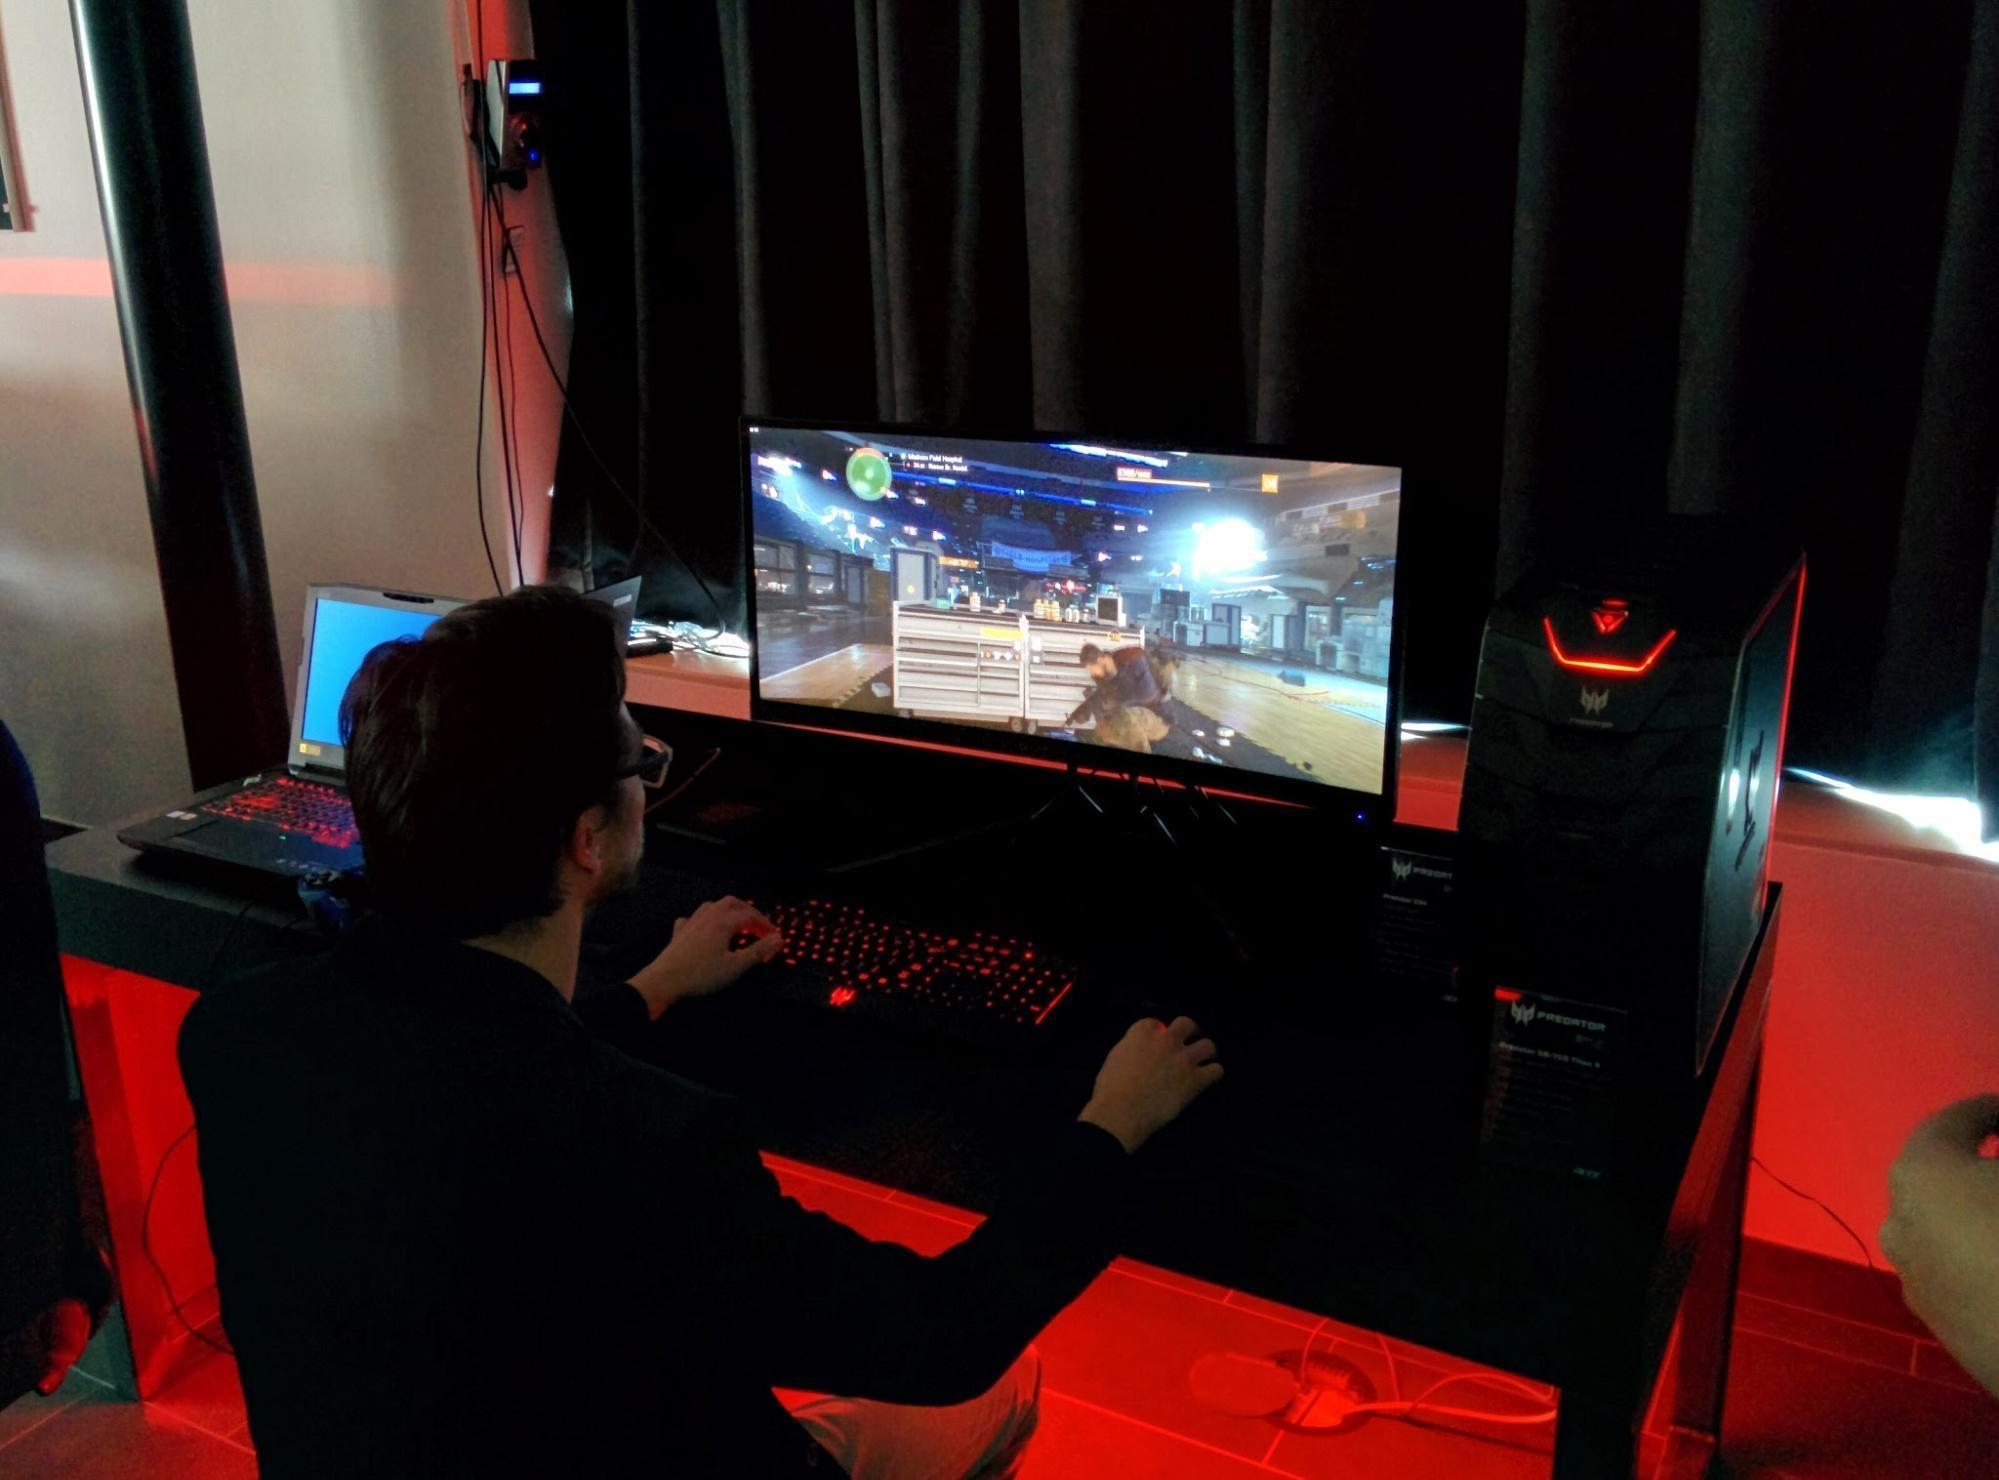 Gamen tijdens het Acer event